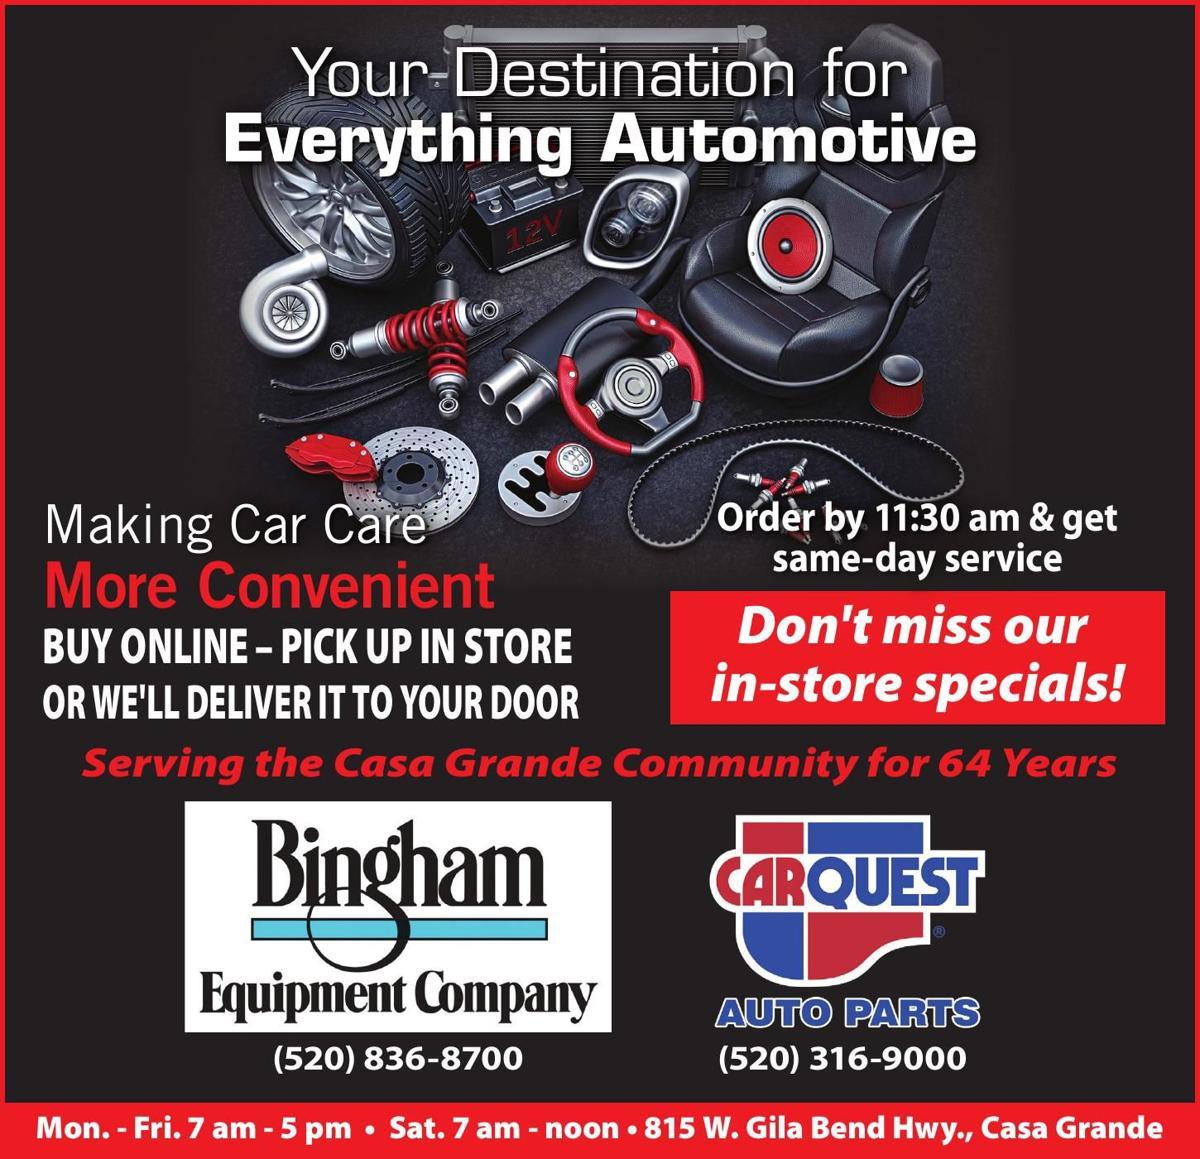 Bingham Equipment - Carquest Auto Parts